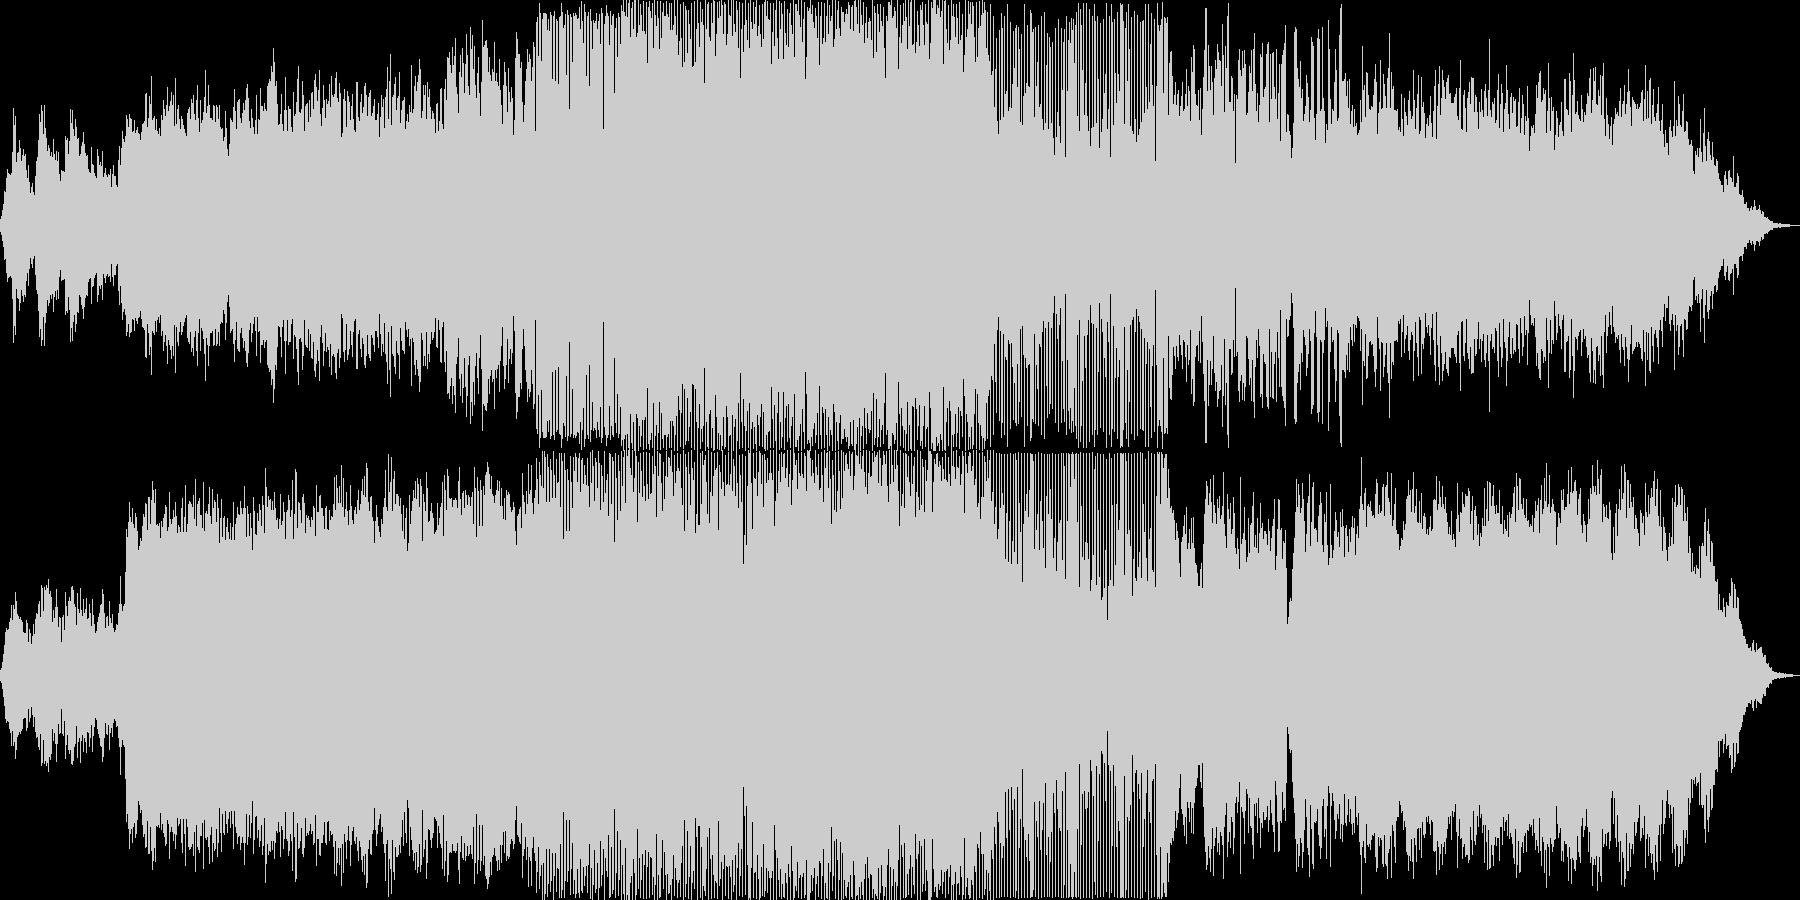 星空を流れるエレクトロなポップチューンの未再生の波形